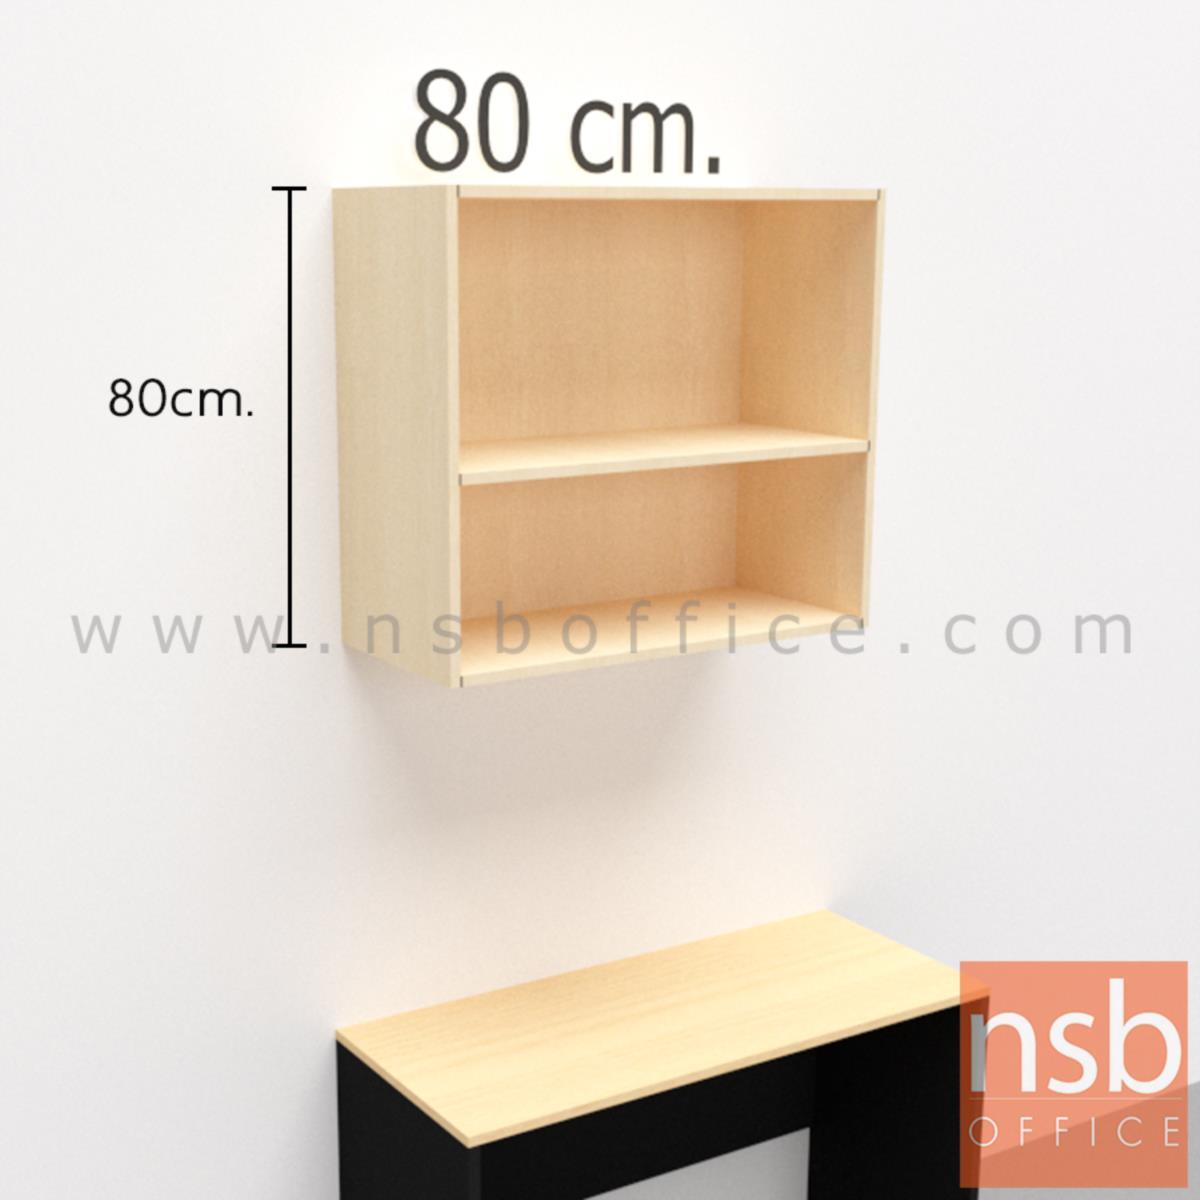 C06A056:ตู้แขวนลอย ช่องโล่ง 2 ช่องวางแฟ้ม รุ่น Wesley (เวสลีย์) ขนาด 80W,120W,150W*80H cm.  เมลามีน